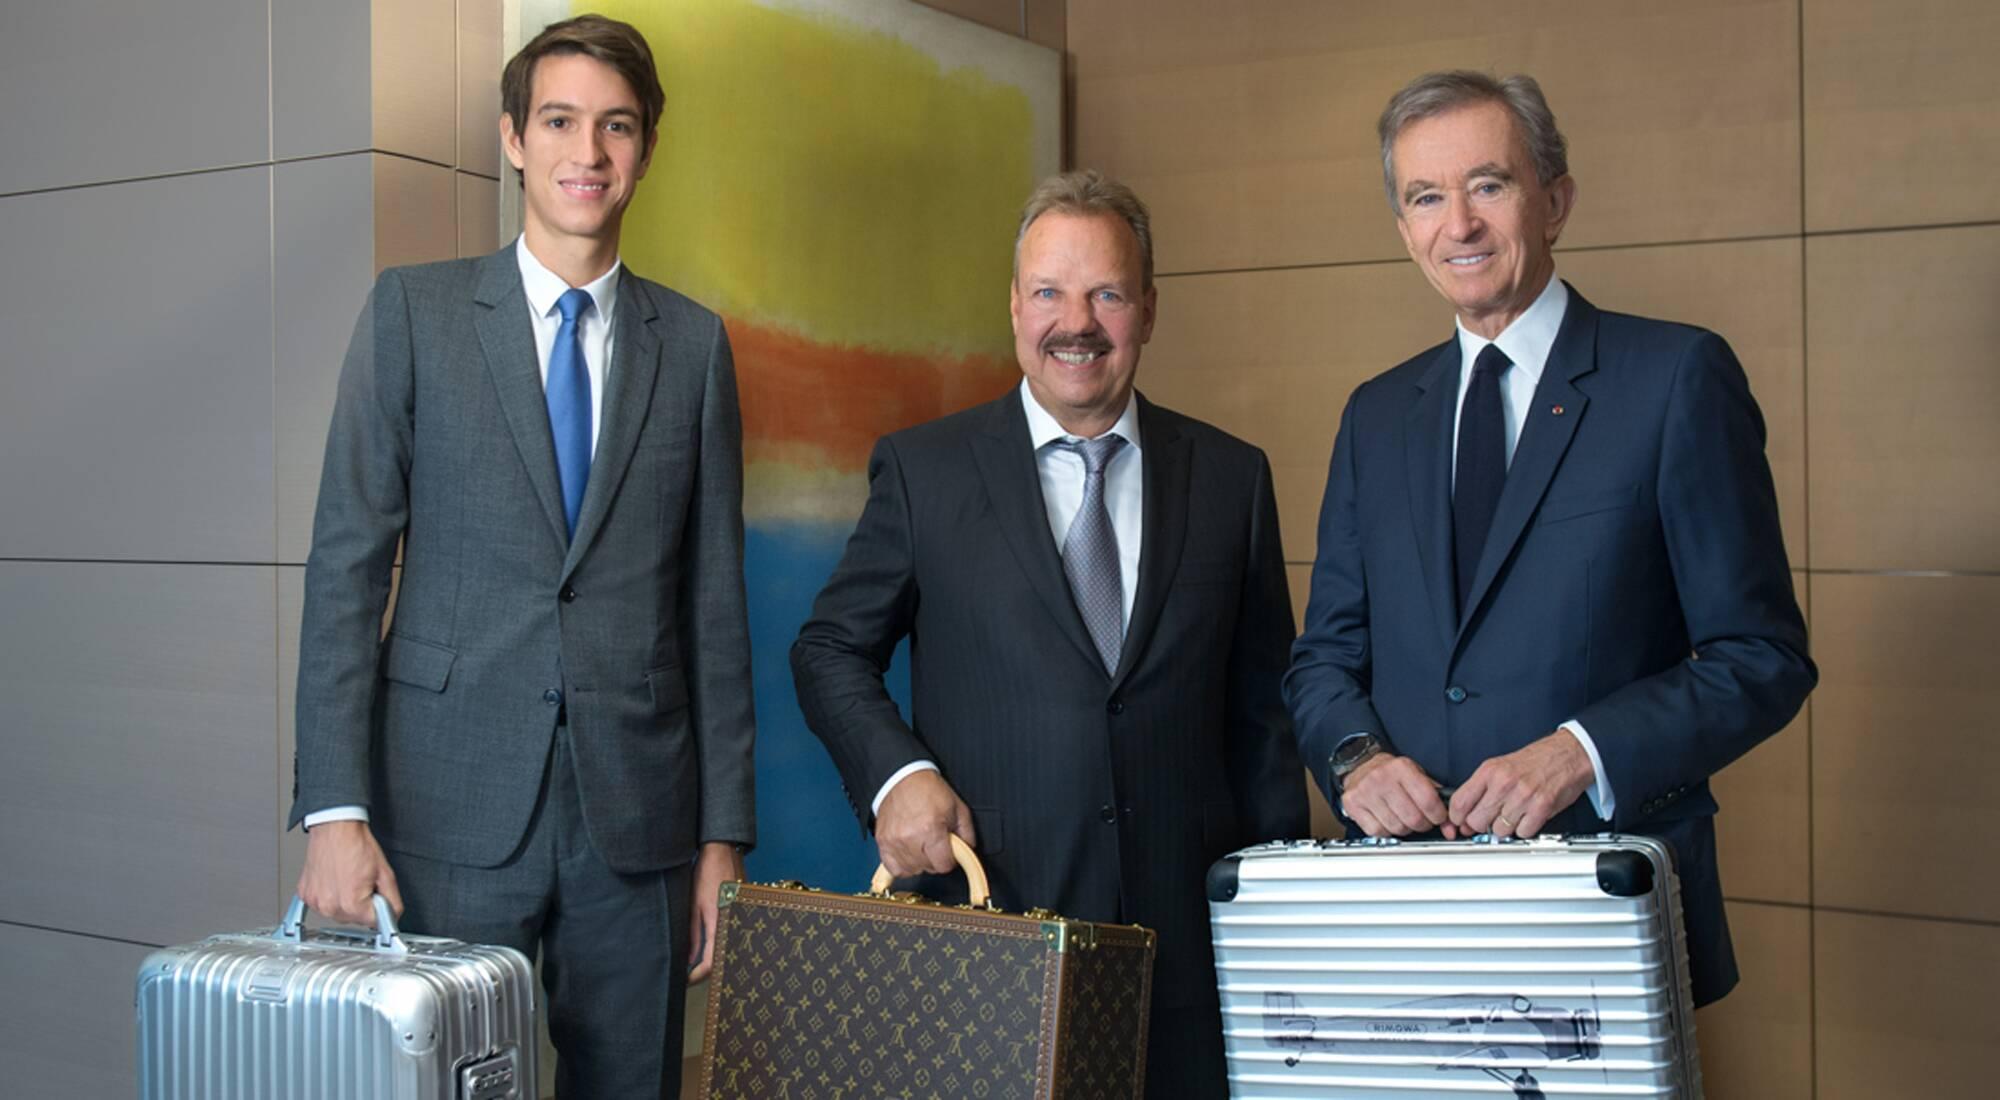 Alexandre Arnault, Dieter Morszeck, and LMVH CEO Bernard Arnault.